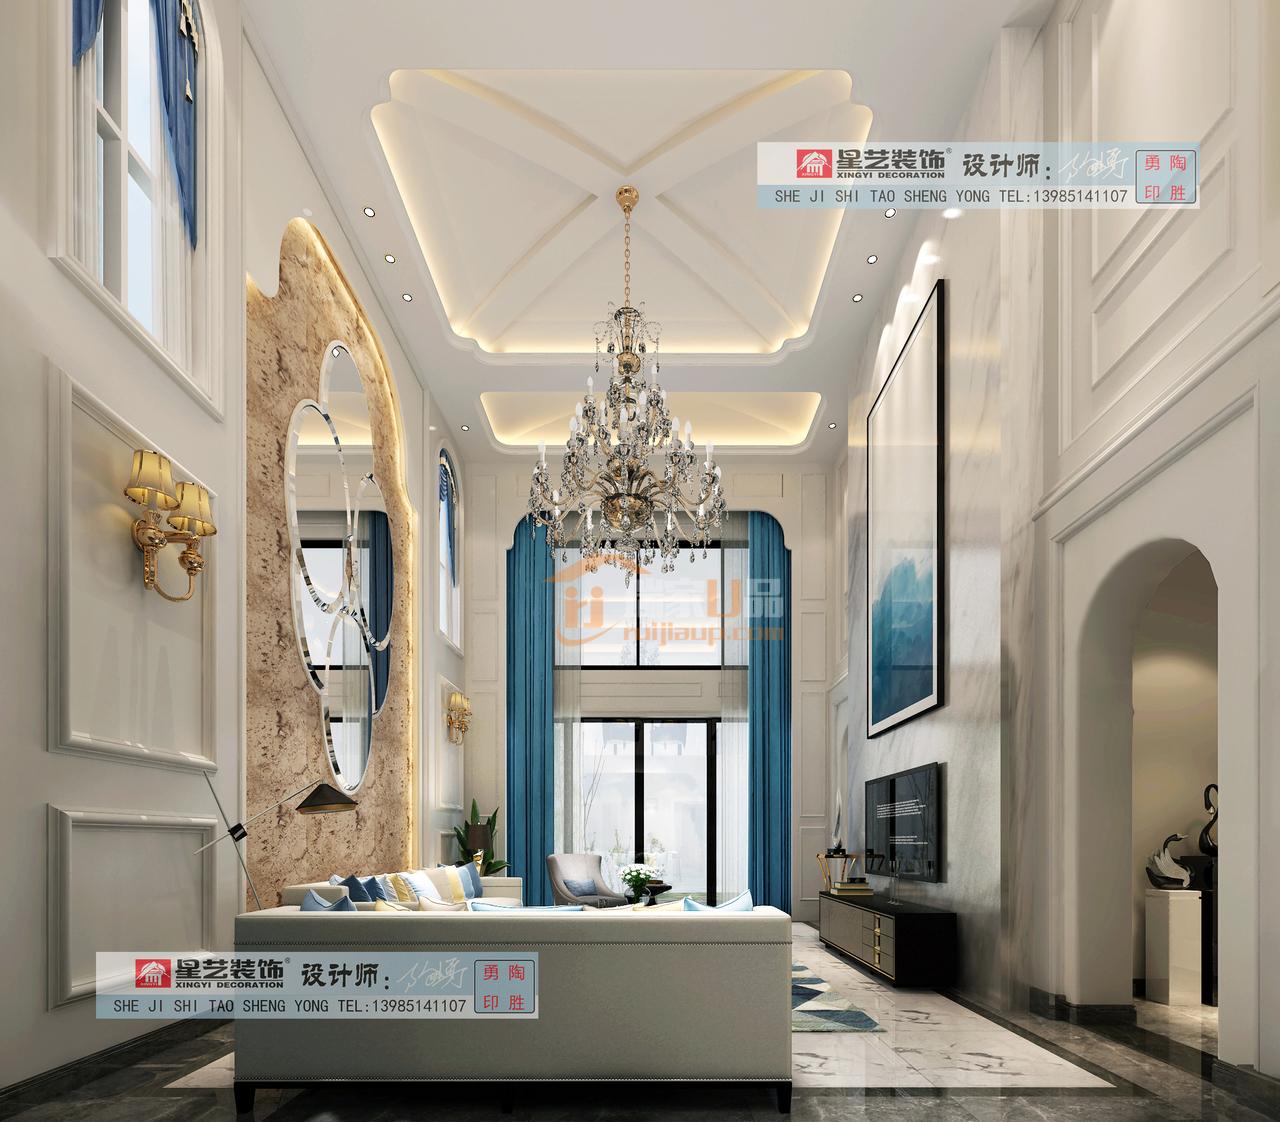 中铁生态城白晶谷地中海风格 , 白色+蓝色结合共同演绎灵动之感  ,贵阳星艺